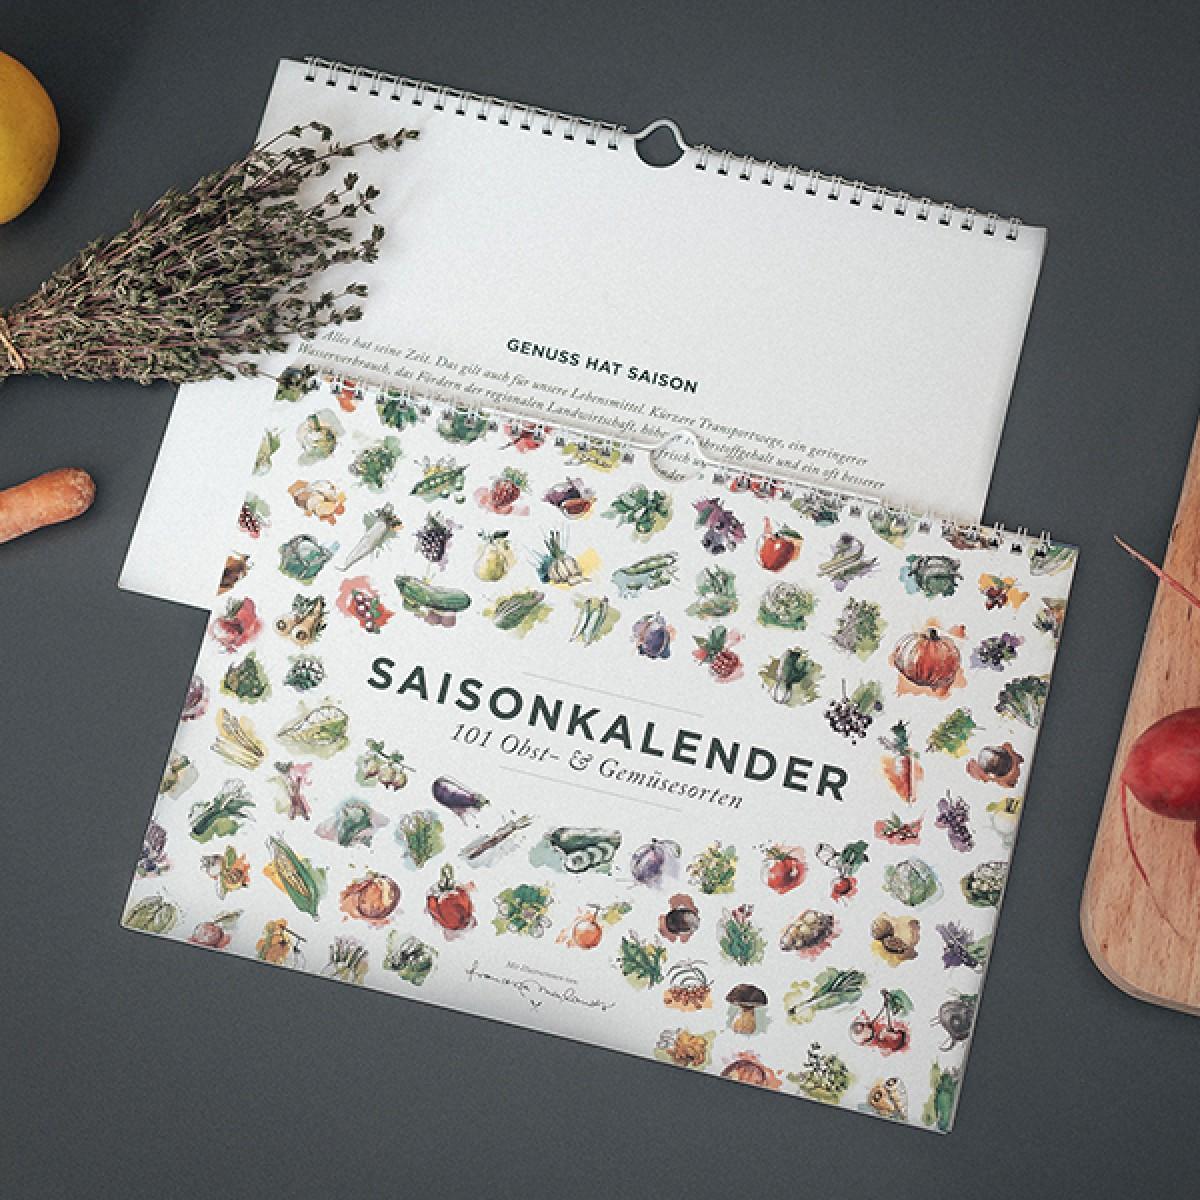 101 Sorten Saisonkalender für Obst und Gemüse in Farbe, Format A4, von Kupferstecher.Art